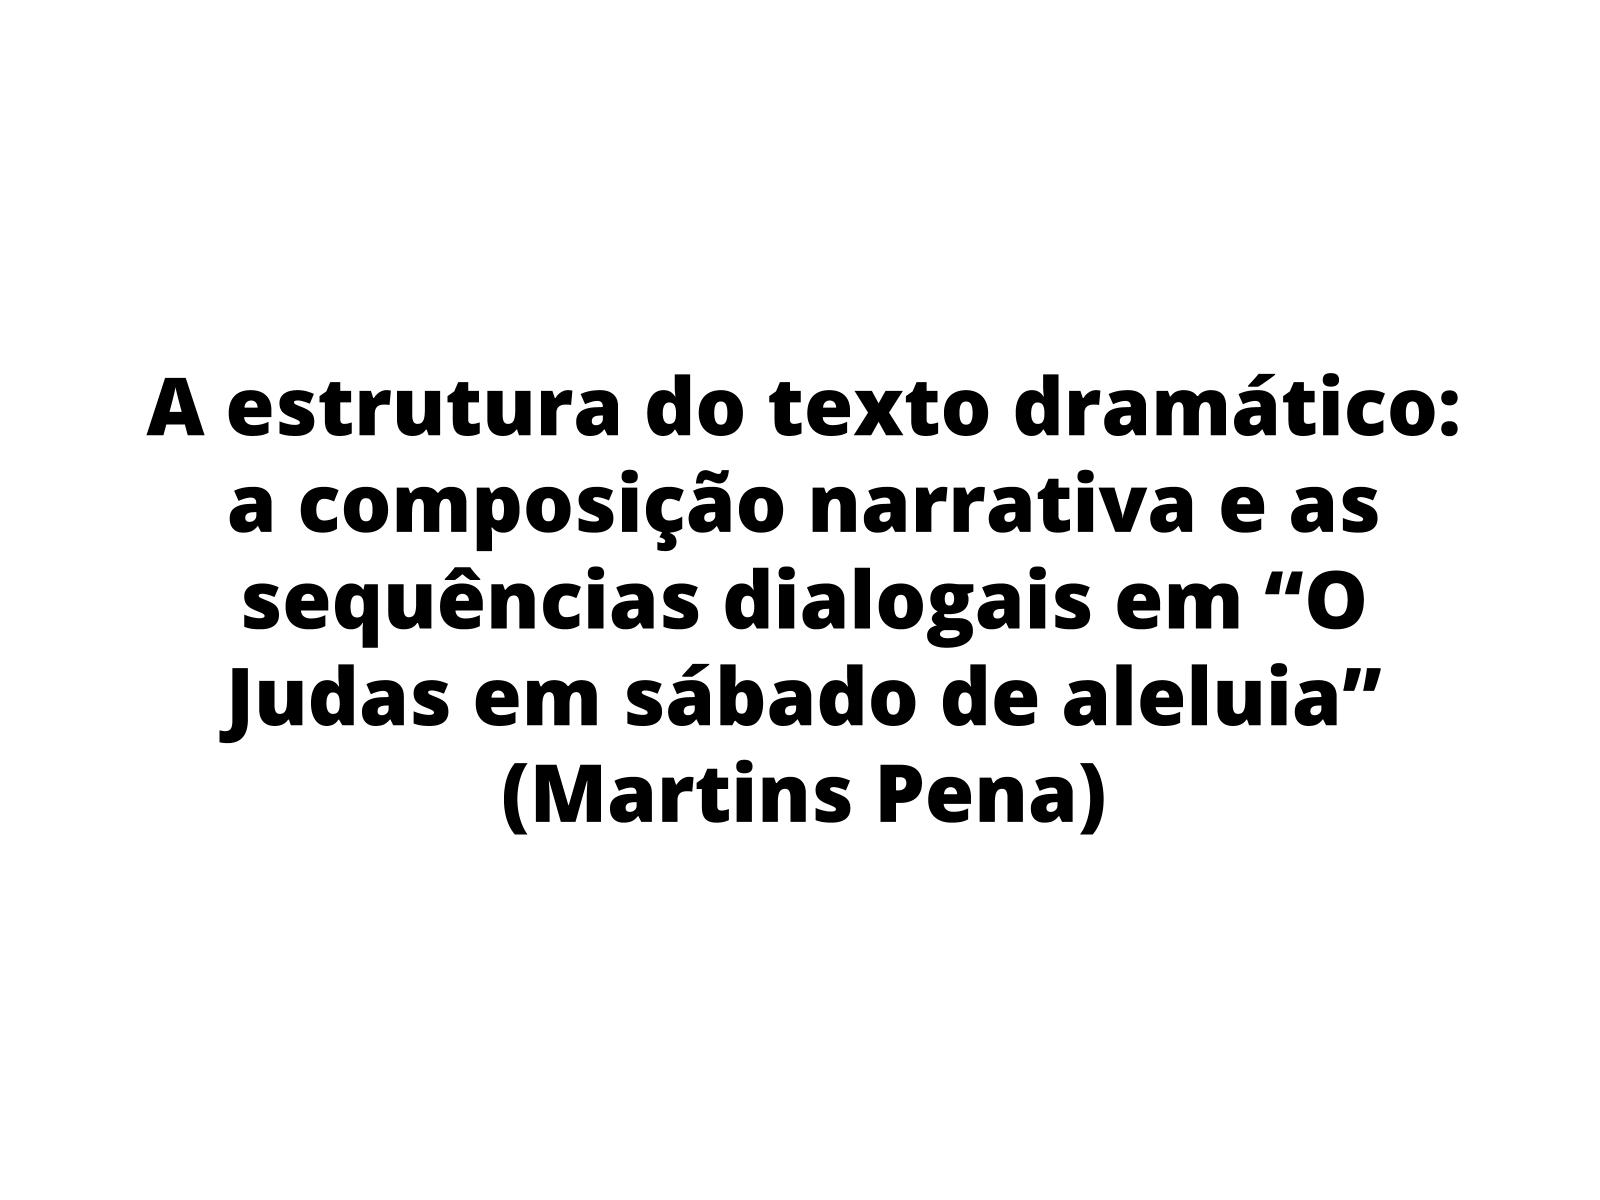 """A estrutura do texto dramático: a composição narrativa e as sequências dialogais em """"O Judas em sábado de aleluia"""" (Martins Pena)"""